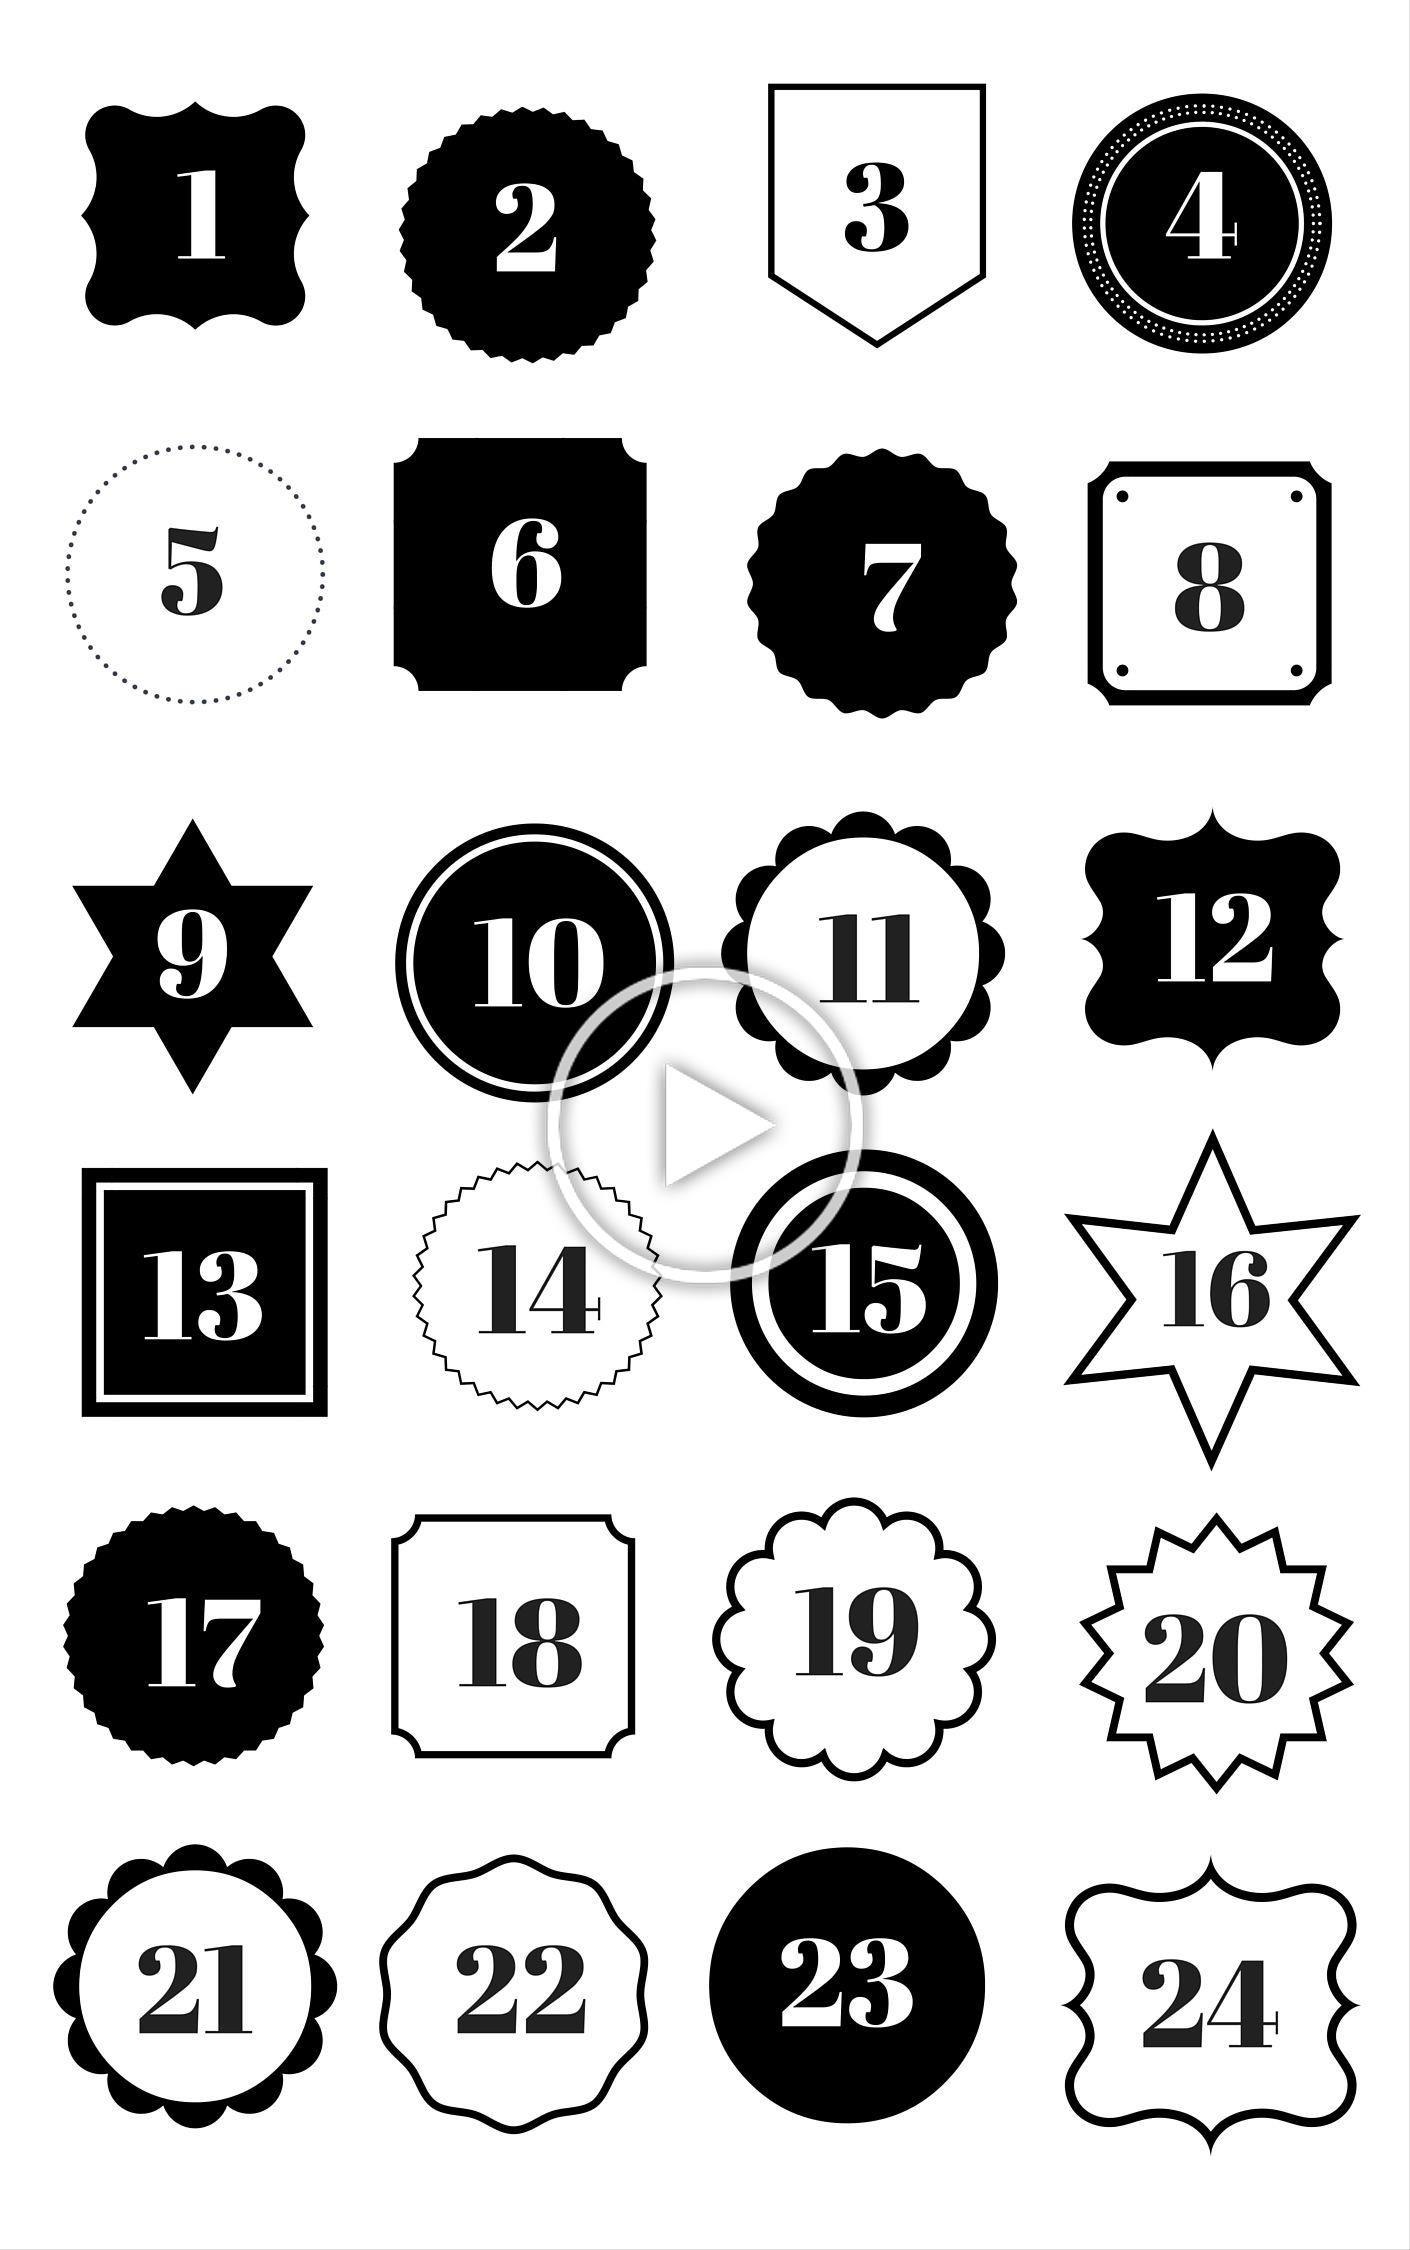 Countdown Adventskalender Zahlen Zum Ausdrucken Kostenlose Vorlage Als Download In 2020 Printable Advent Calendar Diy Advent Calendar Advent Calenders